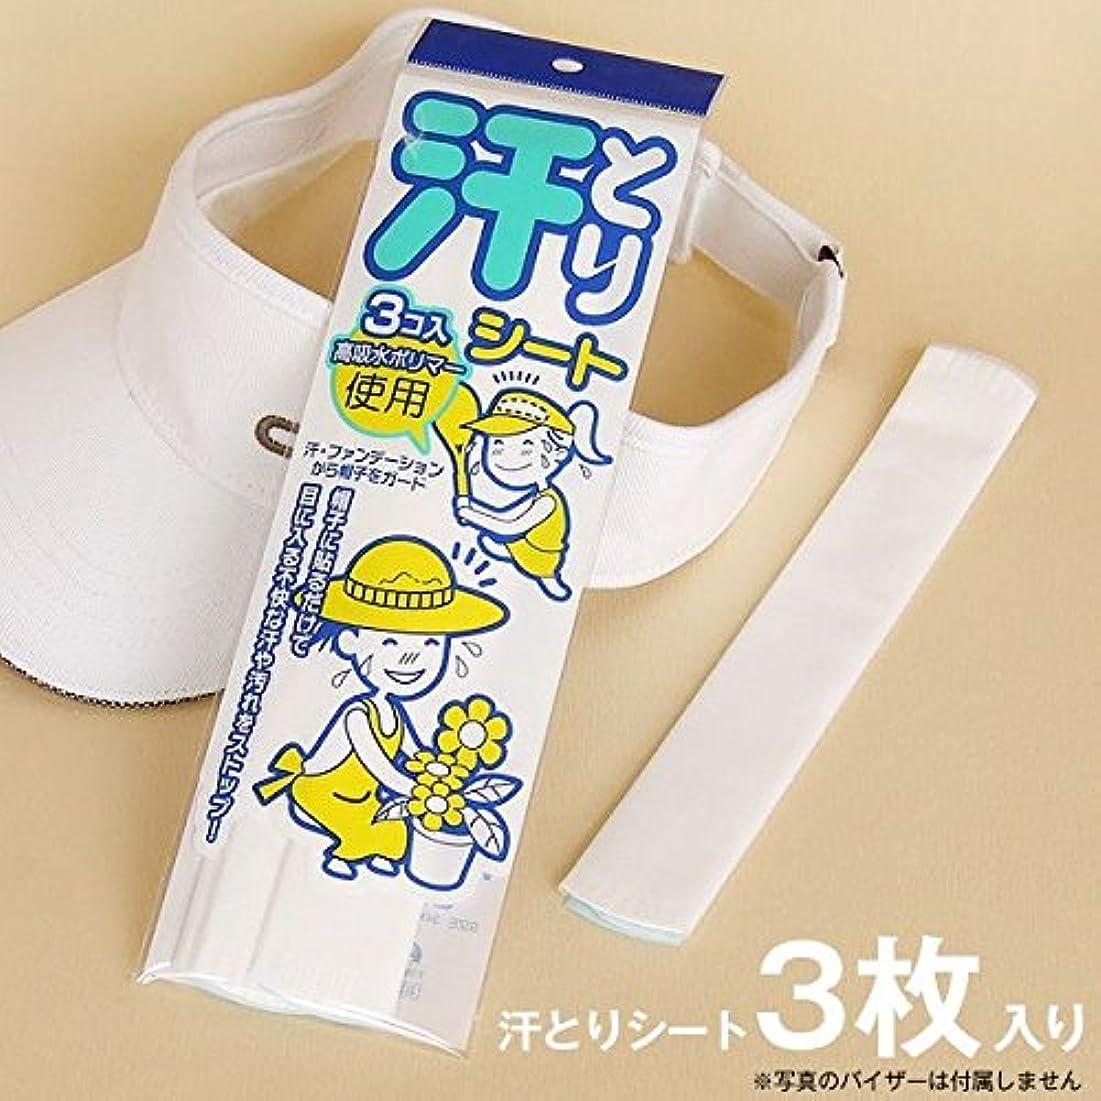 間自分のために垂直汗取りシート 高吸水ポリマー 使用 帽子 サンバイザー ヘルメット インナー ファンデーション付着 防止 シャツ えり(日本製) (3個入り×3パック)